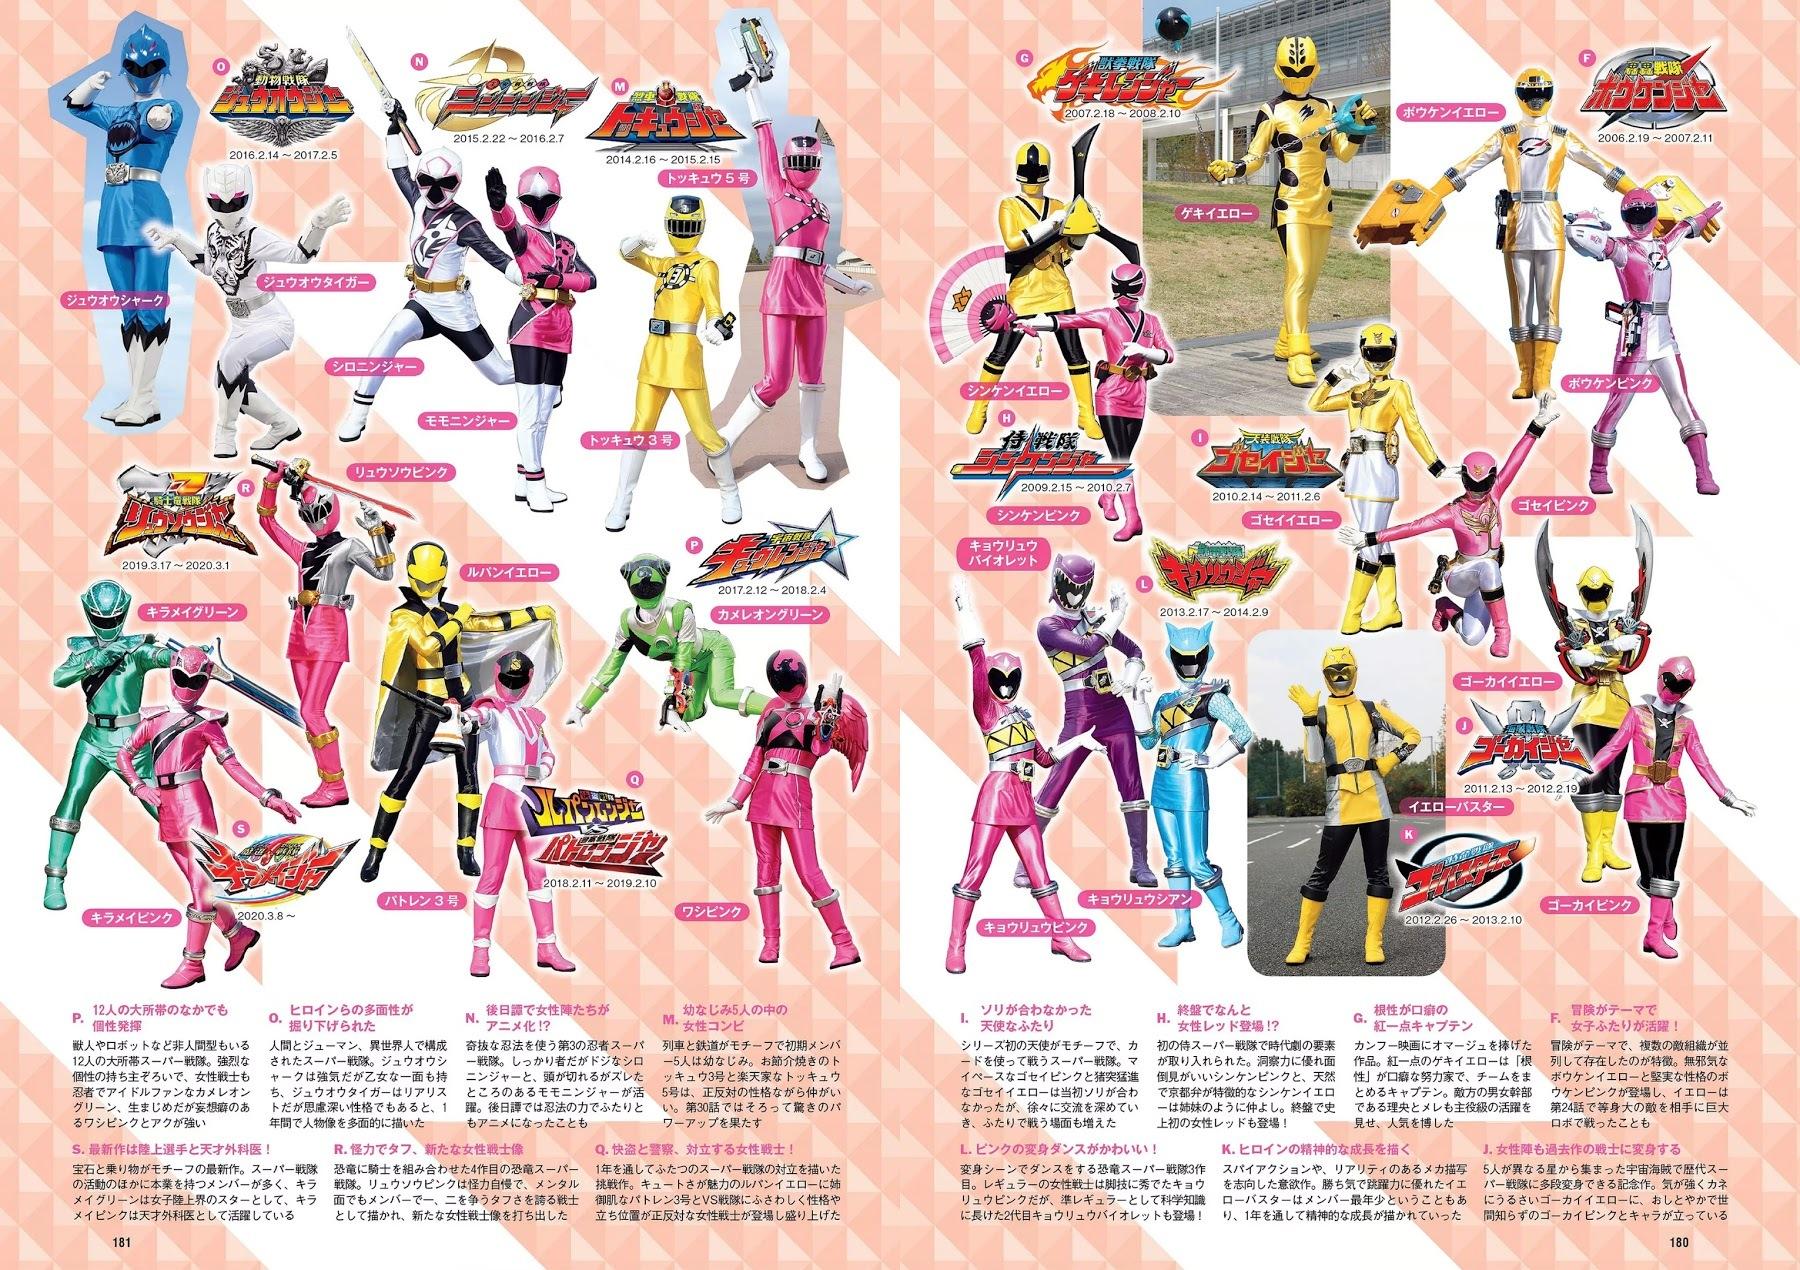 スーパー戦隊ヒロイン12